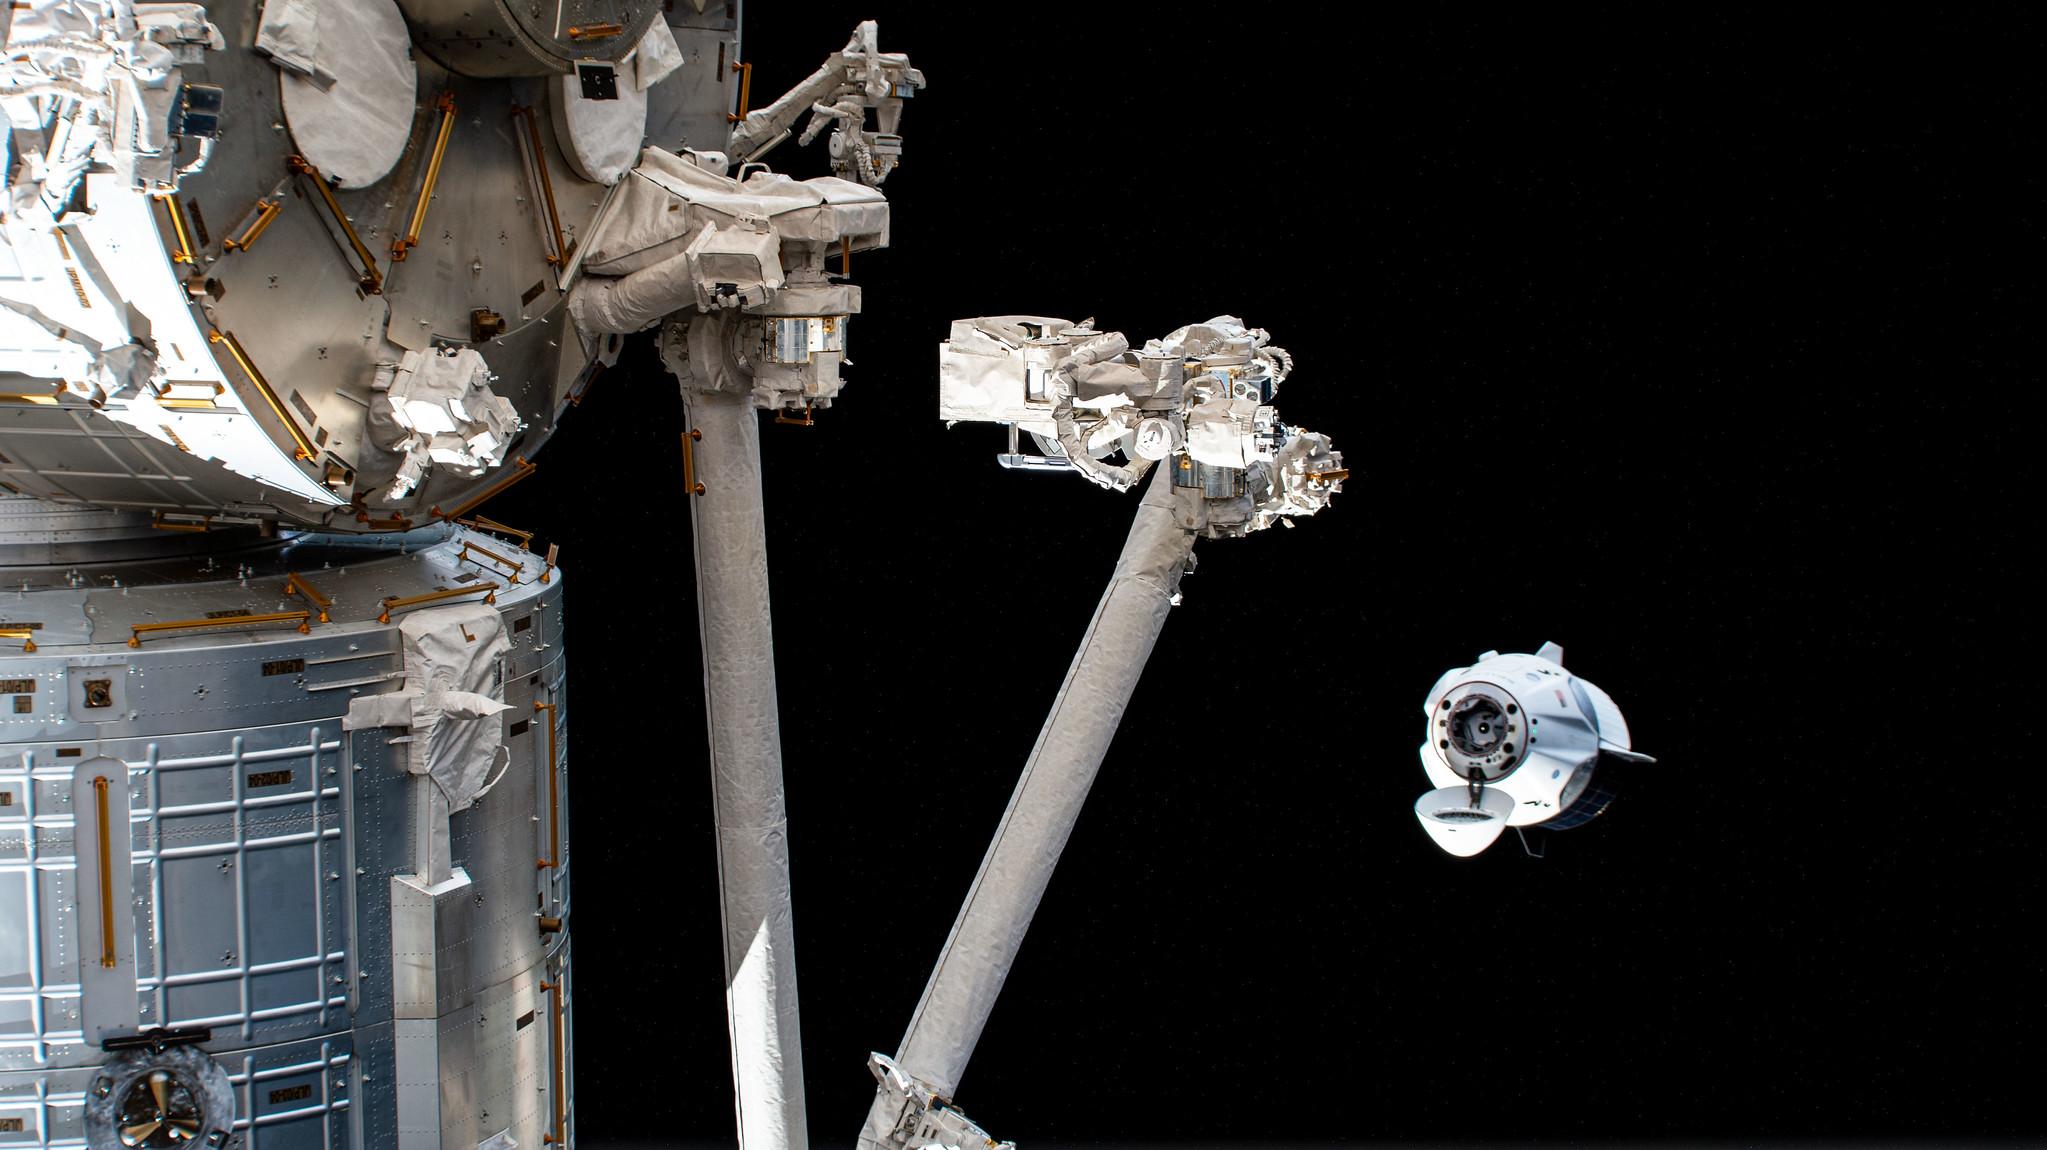 """Le 5 avril, l'équipage de quatre personnes du Crew Dragon de SpaceX """"Résilience"""" a sauté dans leur vaisseau spatial et a roulé le long alors qu'il manoeuvrait robotiquement de son port d'amarrage à un autre port de la Station spatiale internationale pour se préparer aux prochaines missions Crew Dragon."""